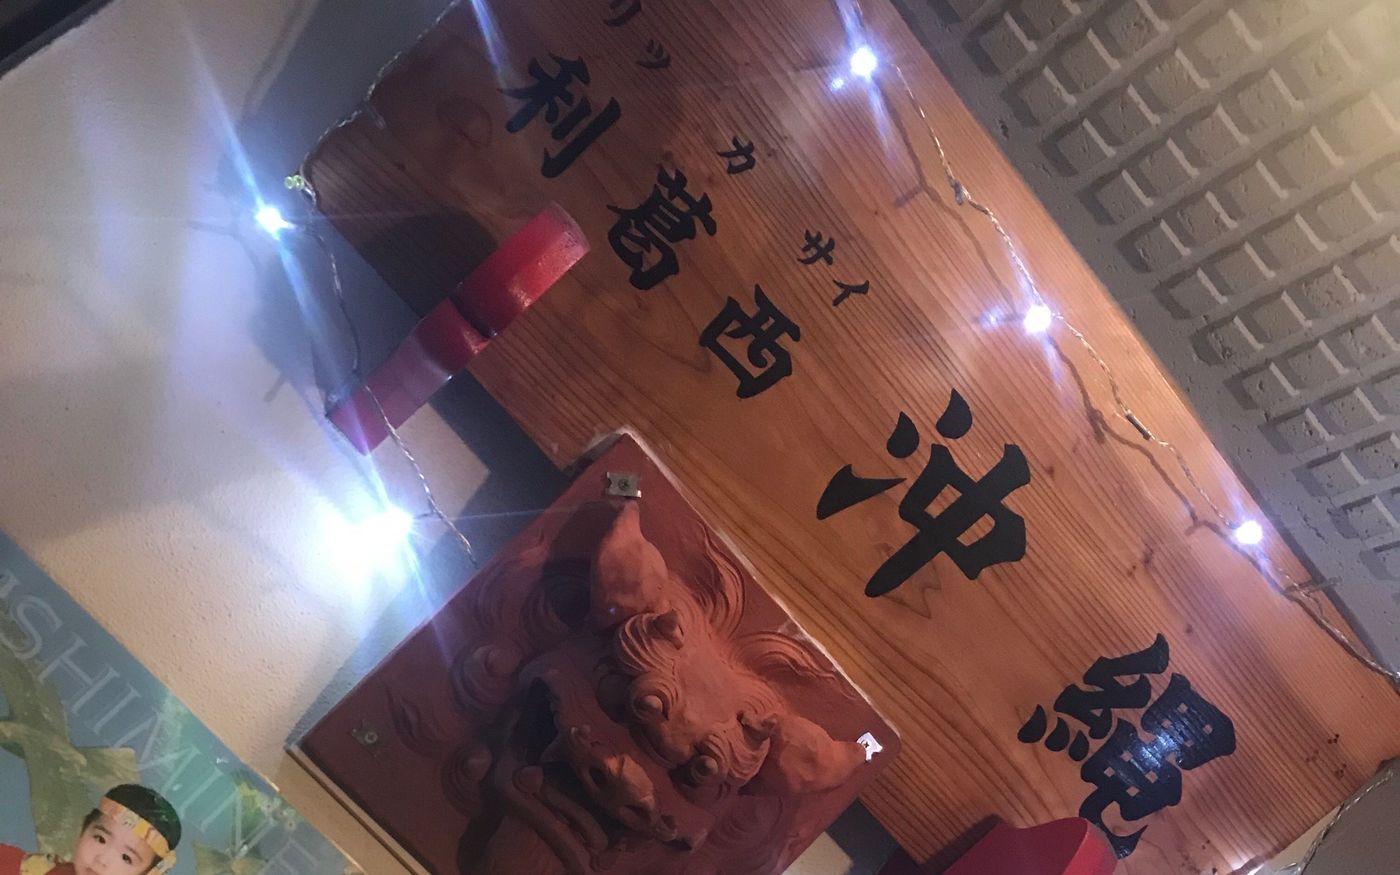 葛西の居酒屋おすすめ9選◎安くて美味しいお店を地元民が徹底厳選の画像